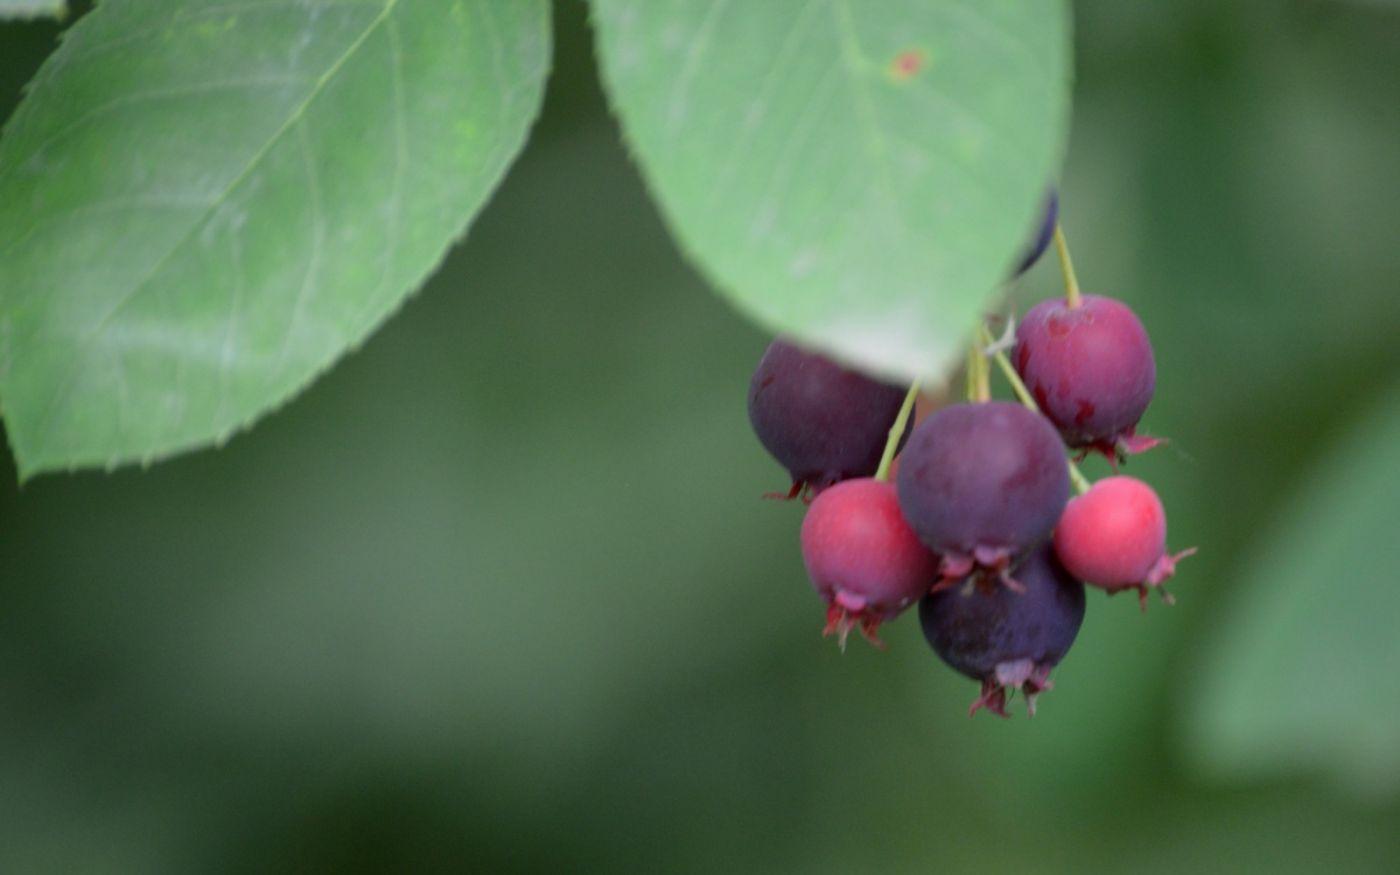 花楸树的果实_图1-8